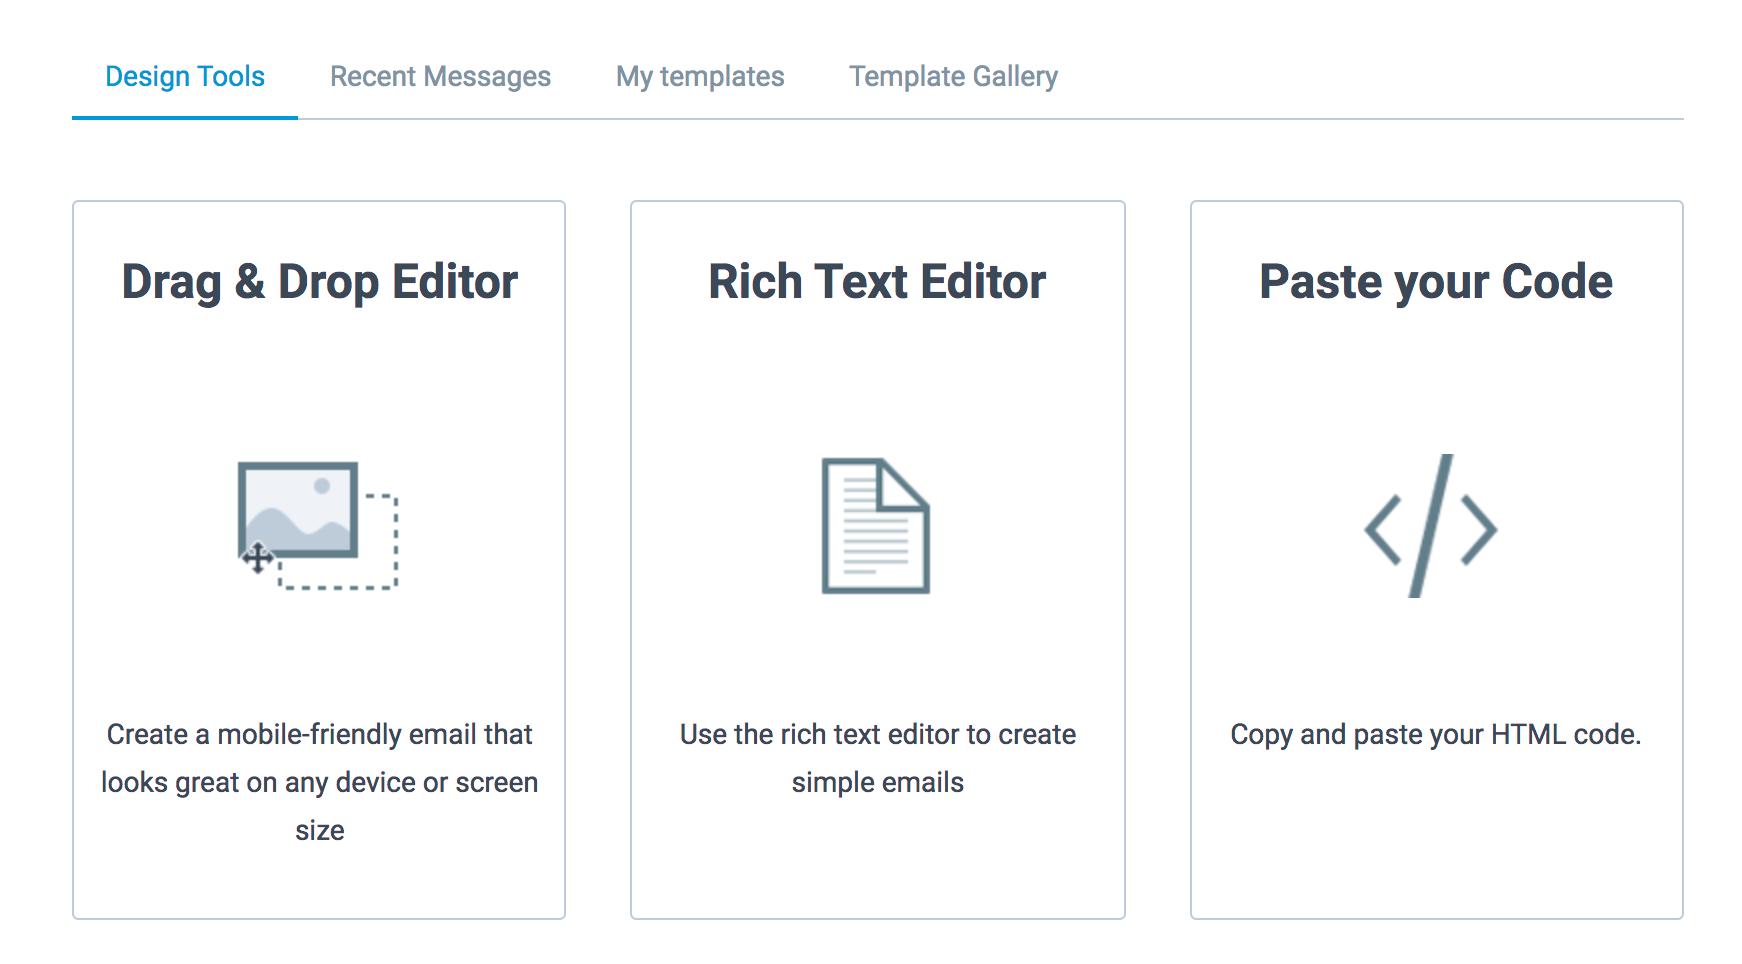 sendinblue design tools